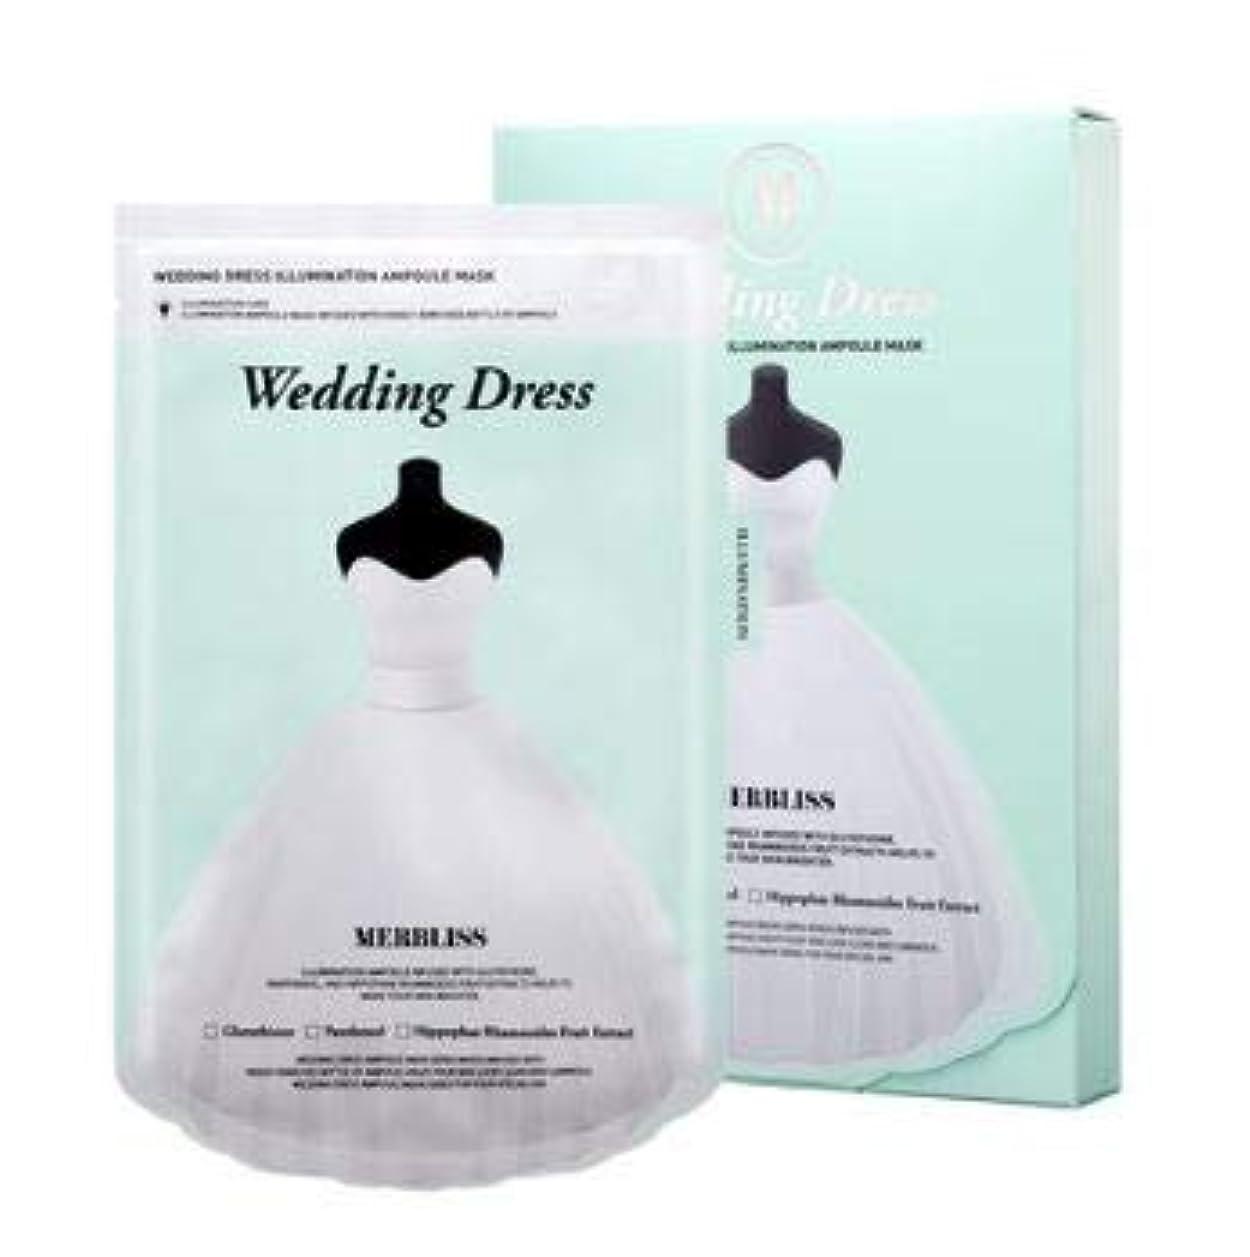 増強深い揮発性[Merbliss] Wedding Dress Illumination Ampoule Mask 25gx5ea /ウェディングドレスイルミネーションアンプルマスク25gx5枚 [並行輸入品]